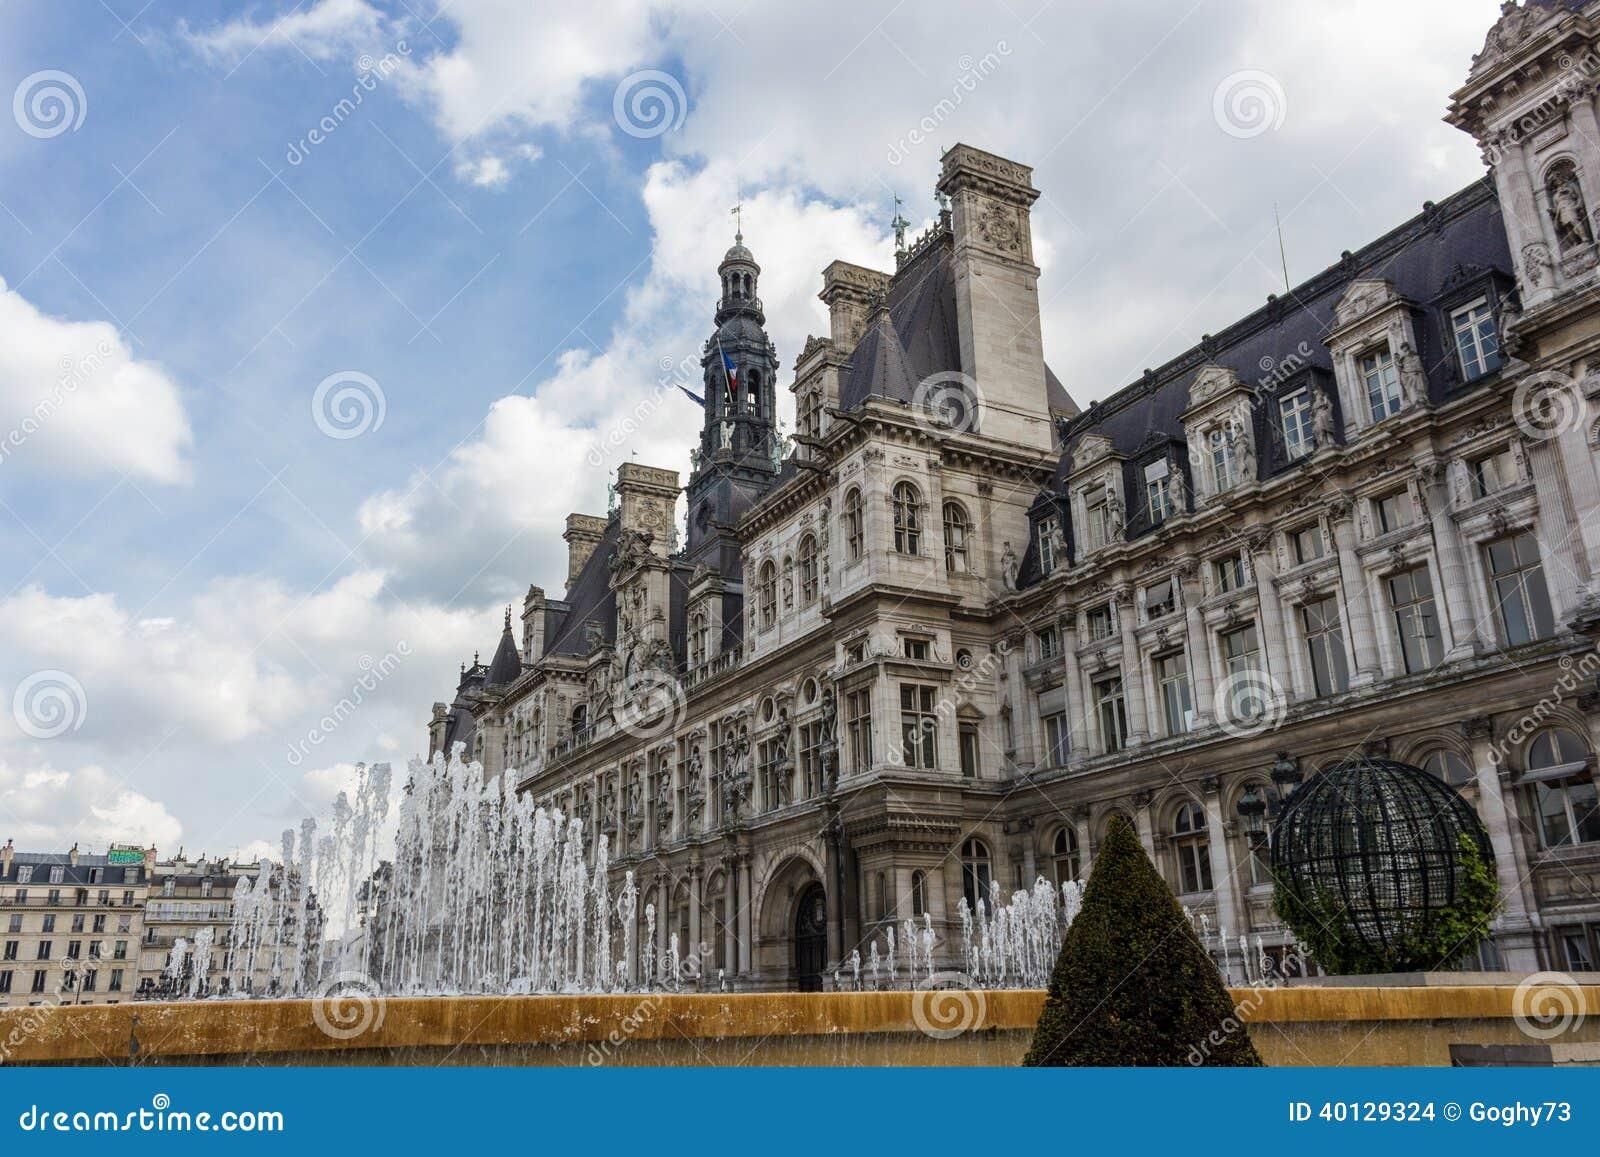 Paris Hotel De Ville Stock Photo Image 40129324